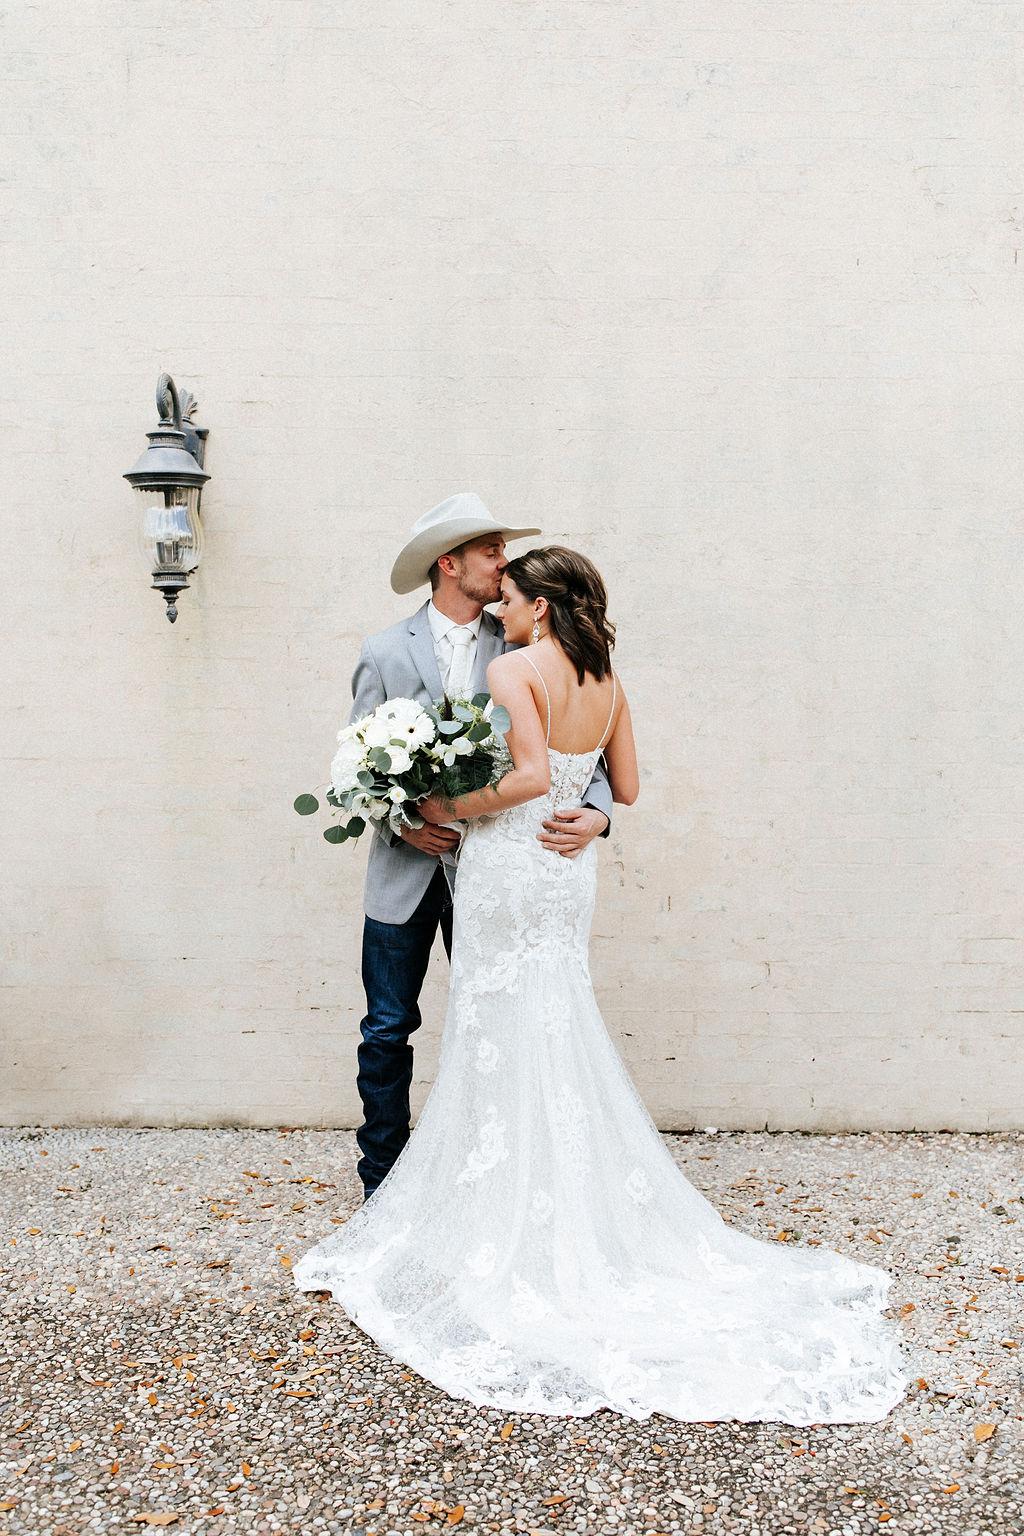 Epoch Co+ Destination wedding planner | First Look Photo Ideas with Groom | Rockin Star Ranch, Brenham Wedding Venue | Velvet + Wire Photography | Austin Wedding Planner | Wedding Dress Portrait